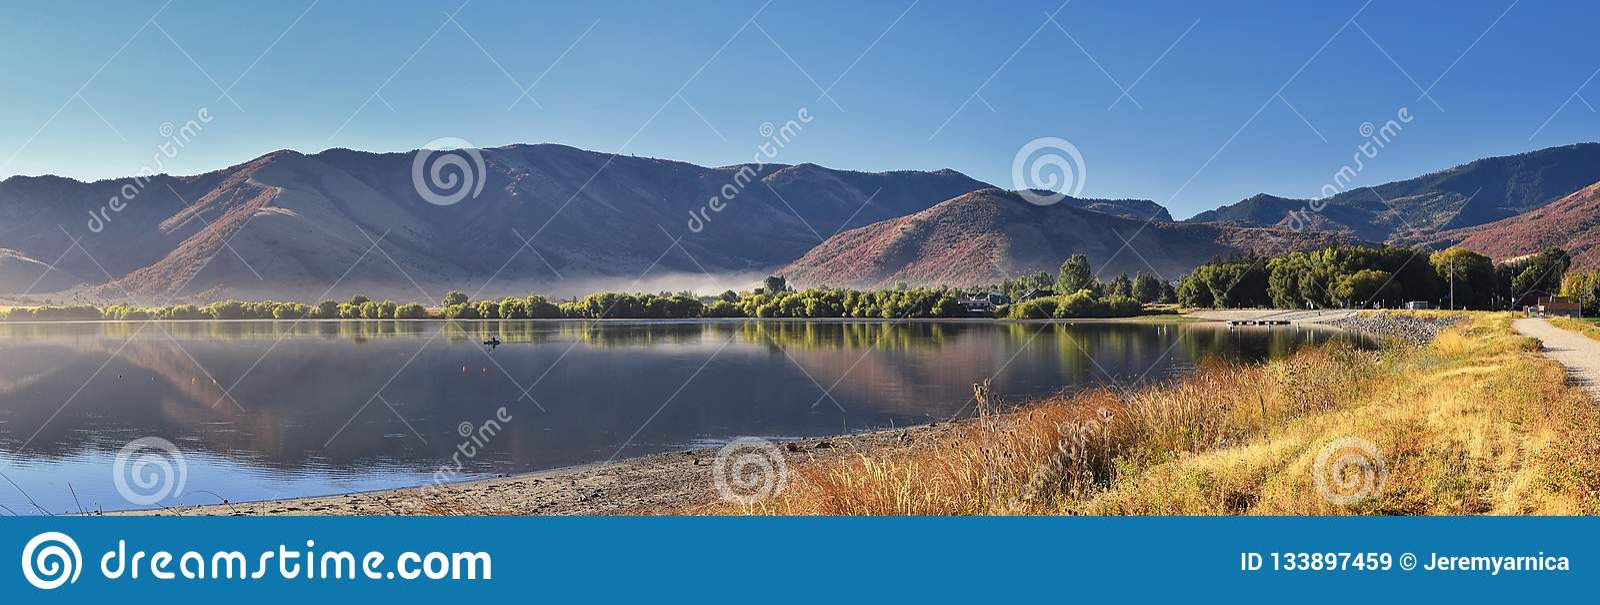 曼图亚水库风景视图 曼图亚是东部边缘的博克斯埃尔德县一小镇,历史上叫作博克斯埃瓦尔